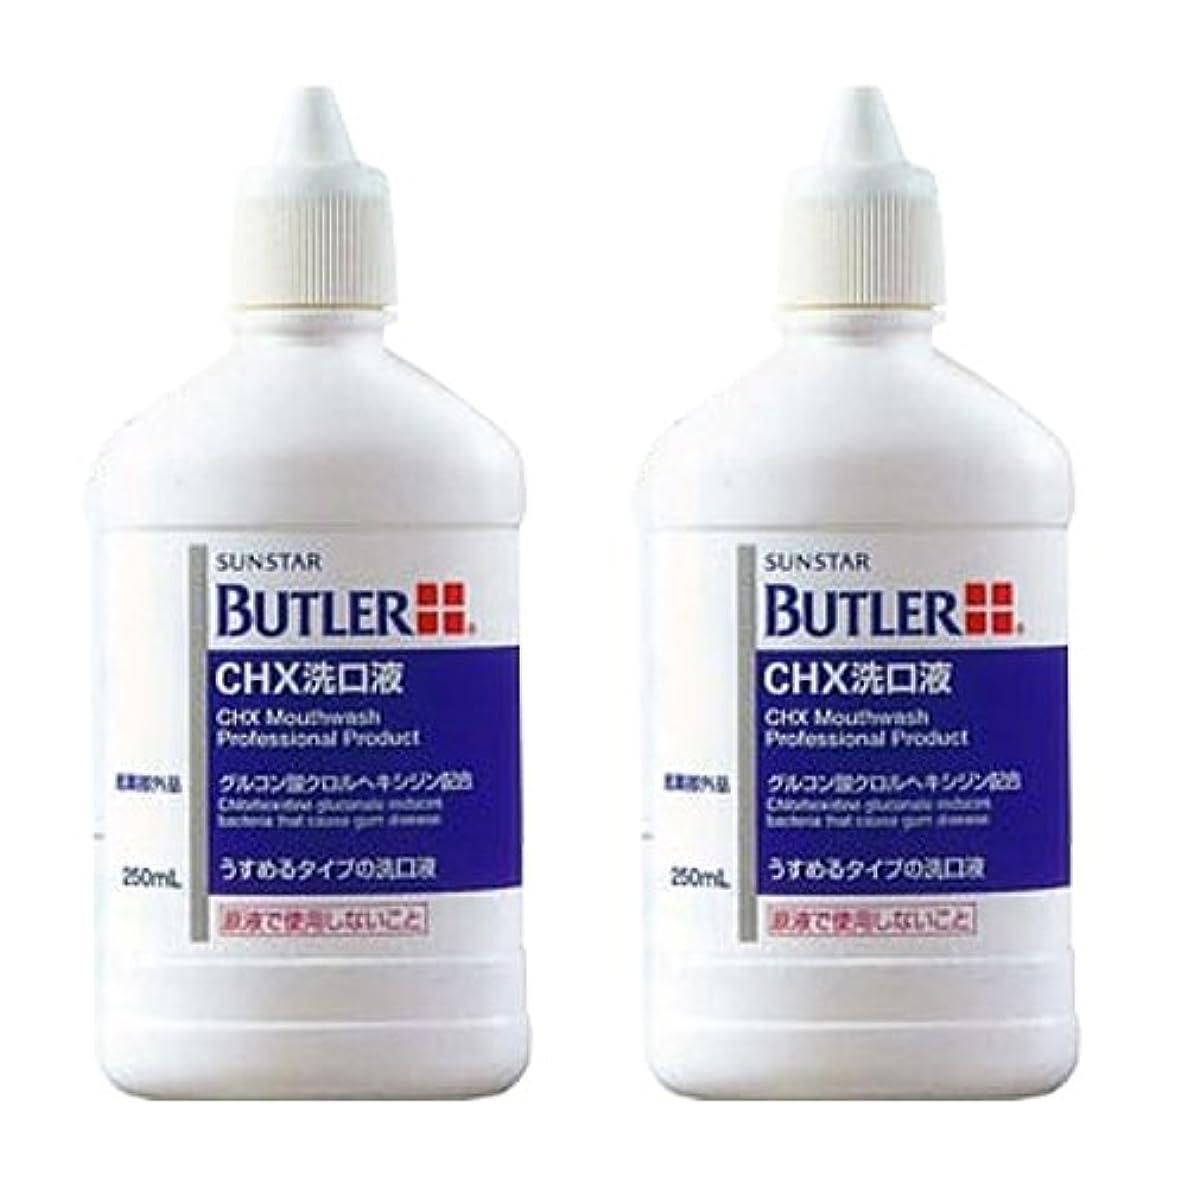 サンスター バトラー CHX 洗口液 250ml × 2本 医薬部外品